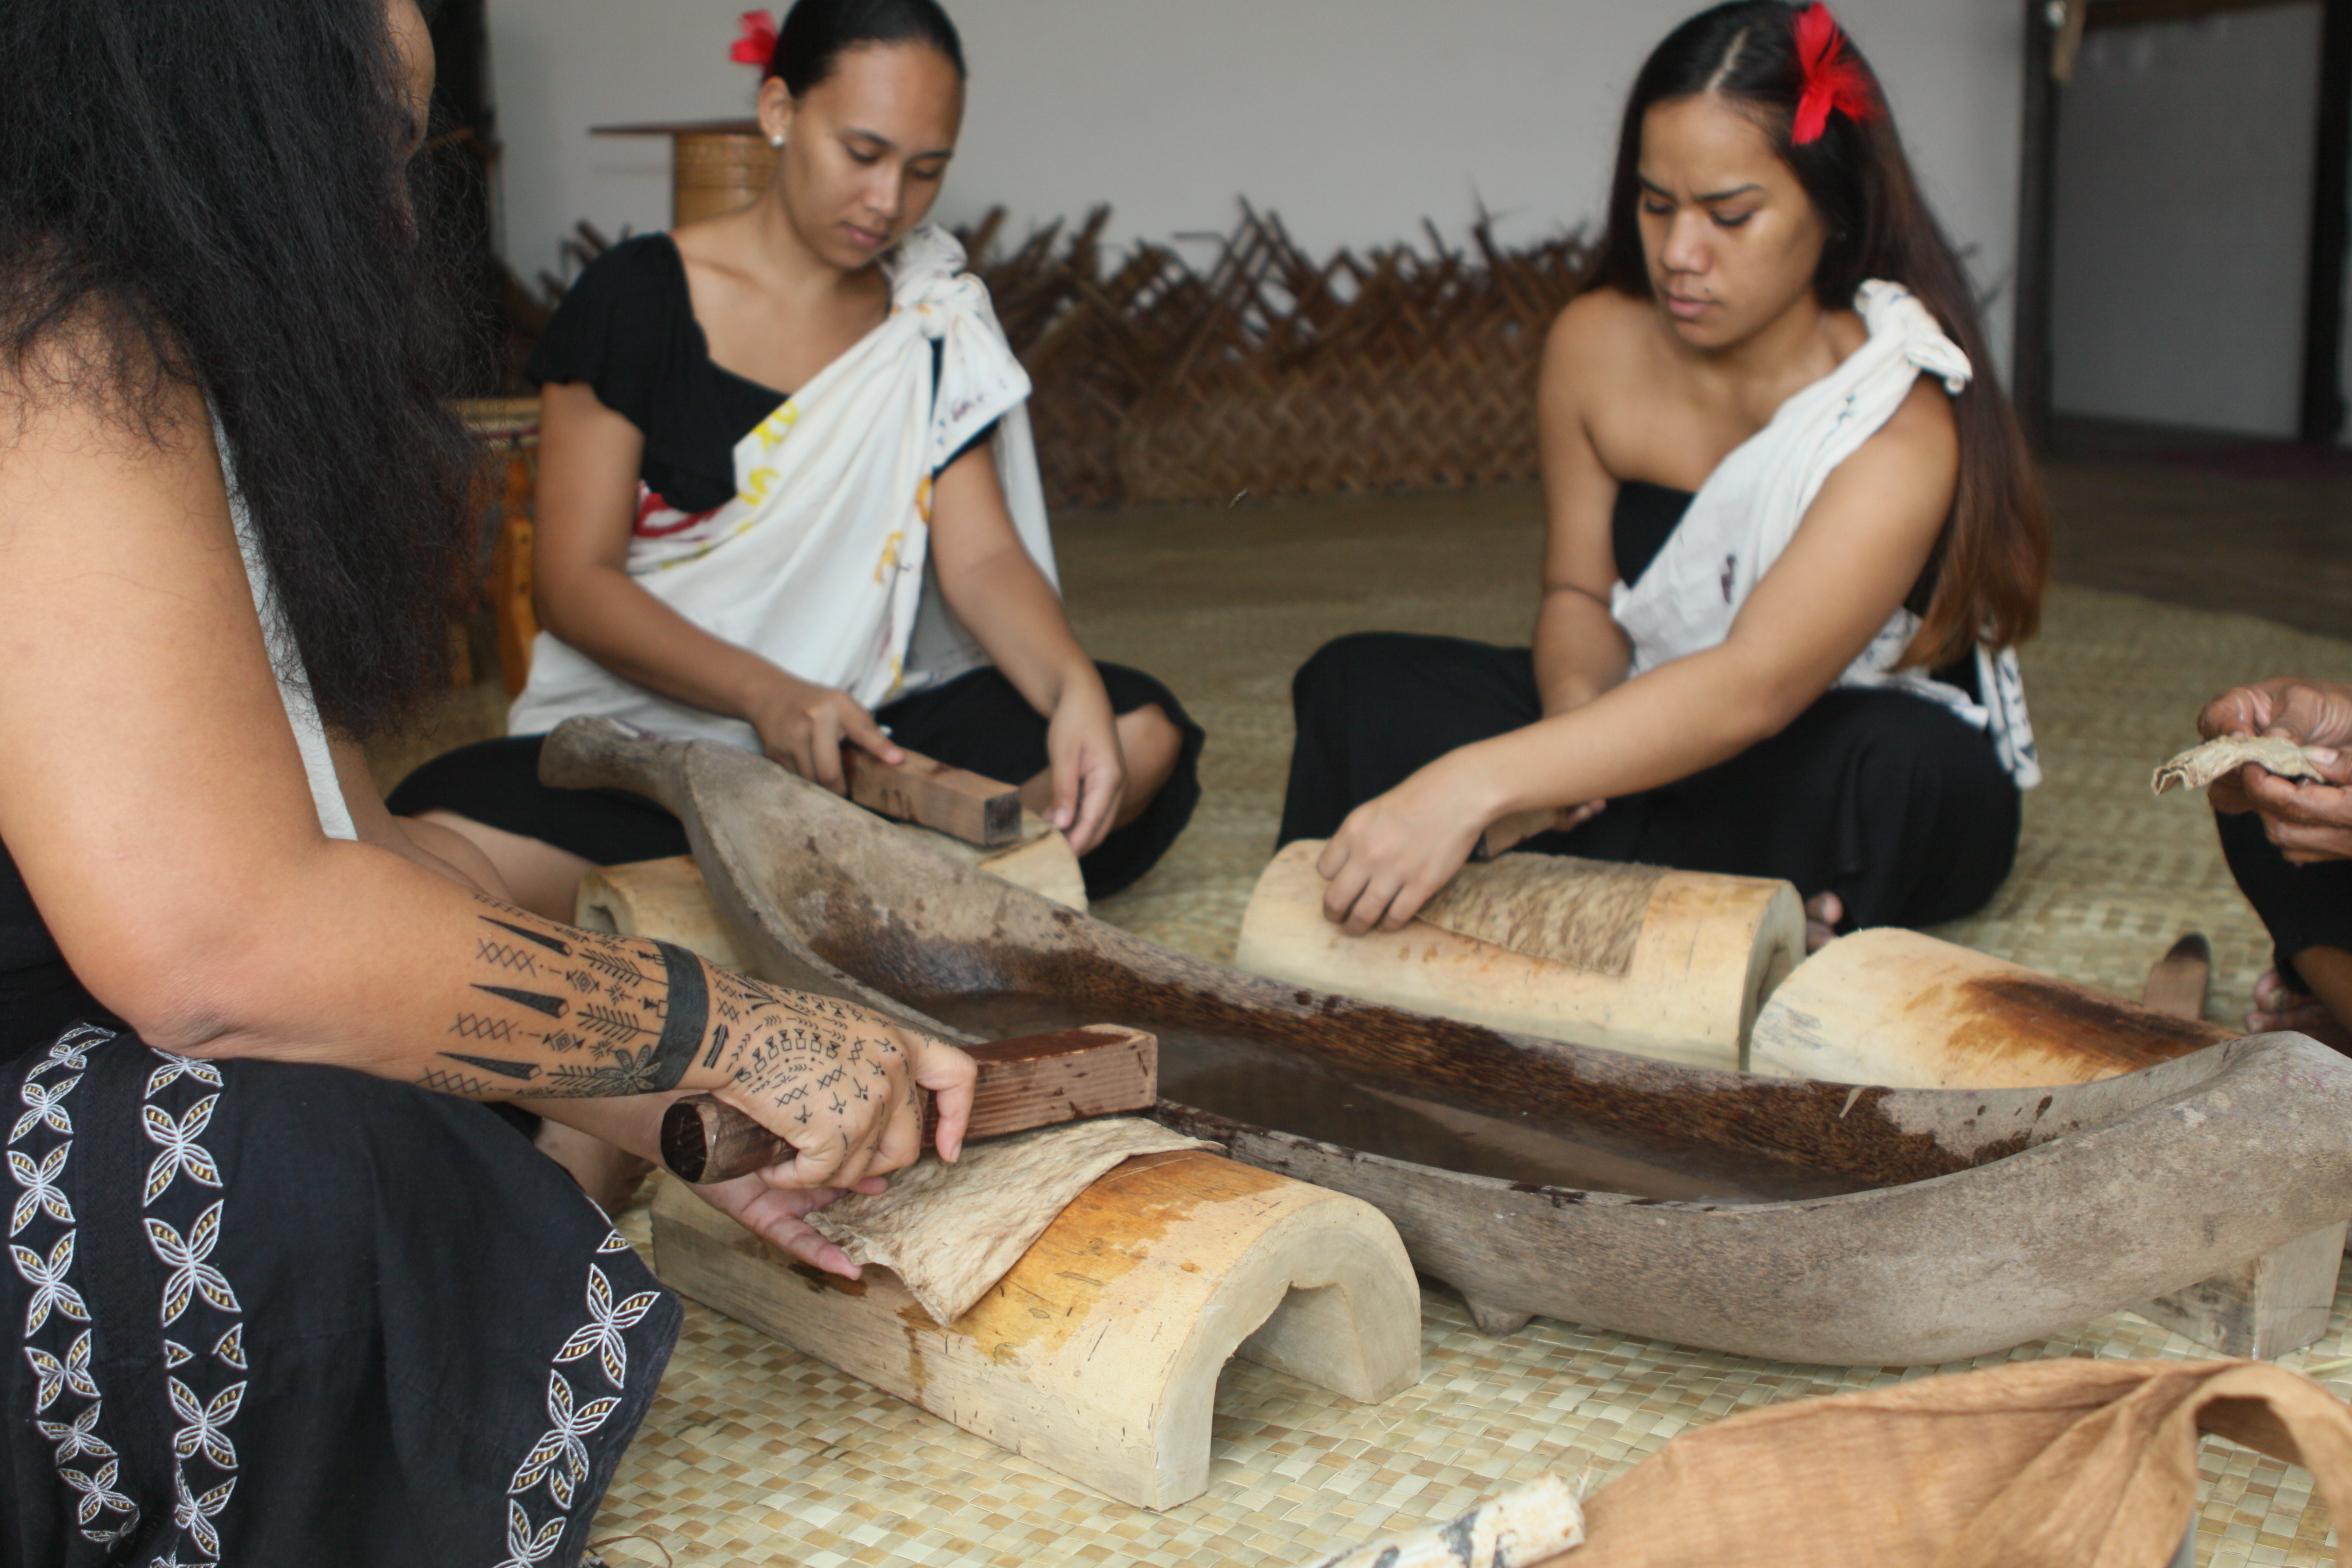 La visite sera suivie d'un atelier pratique, qui permettra à chacun de créer son propre tapa.